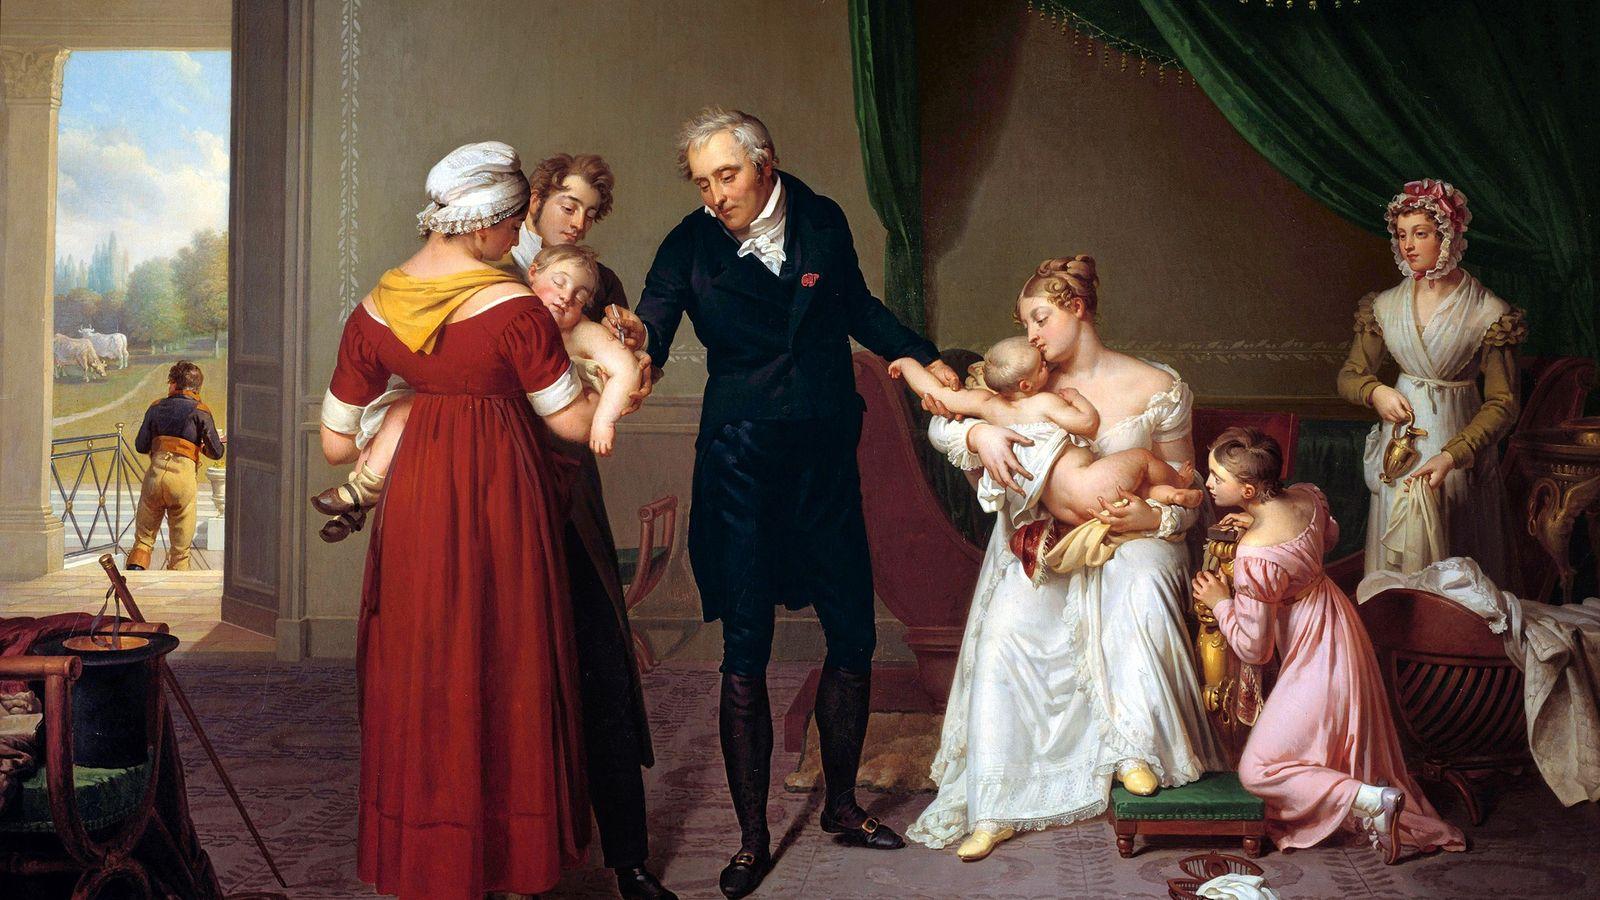 La vaccination est entrée dans les mœurs au début du 19e siècle, elle est ici représentée par ...